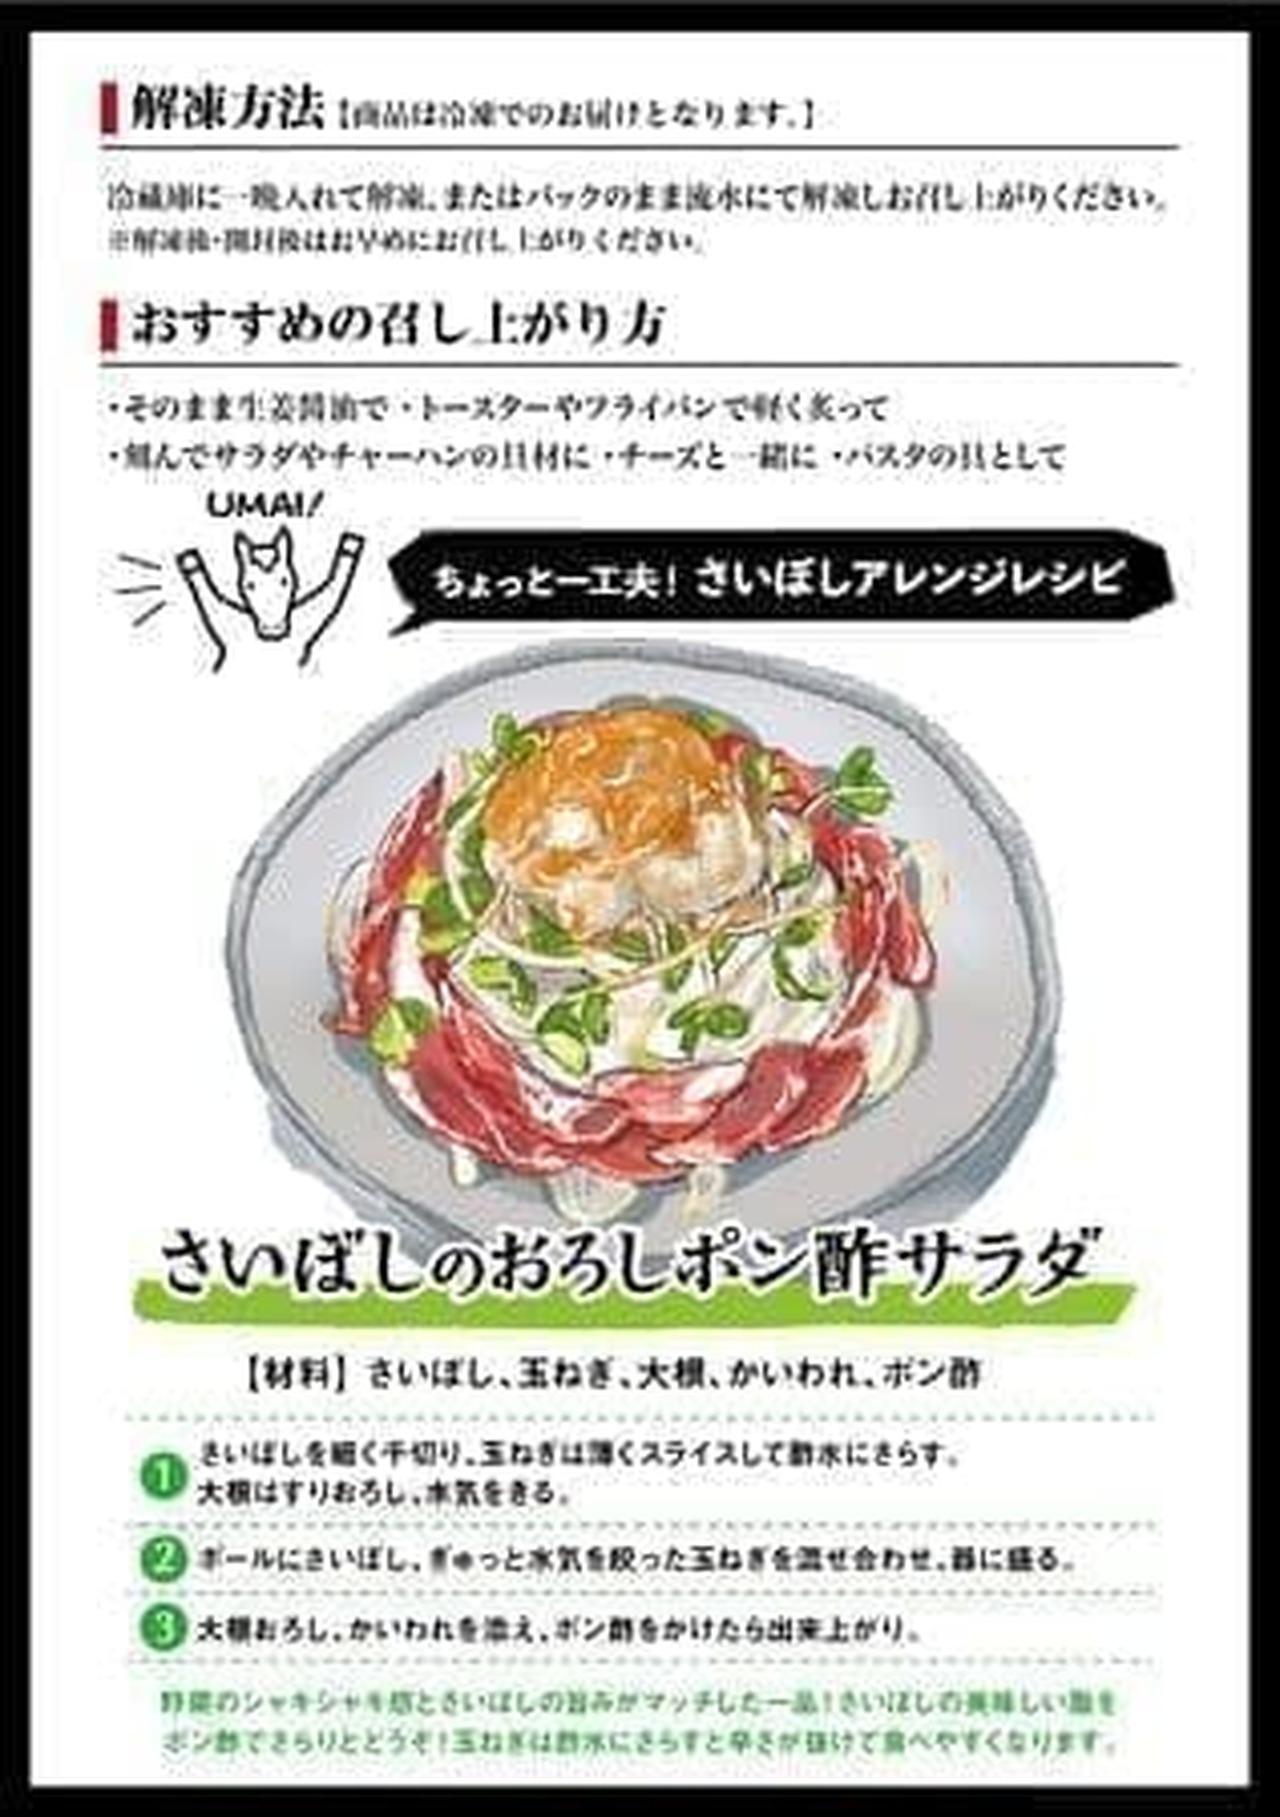 串カツ田中オンラインショップ「冷凍さいぼしスモークスライス」アレンジレシピ